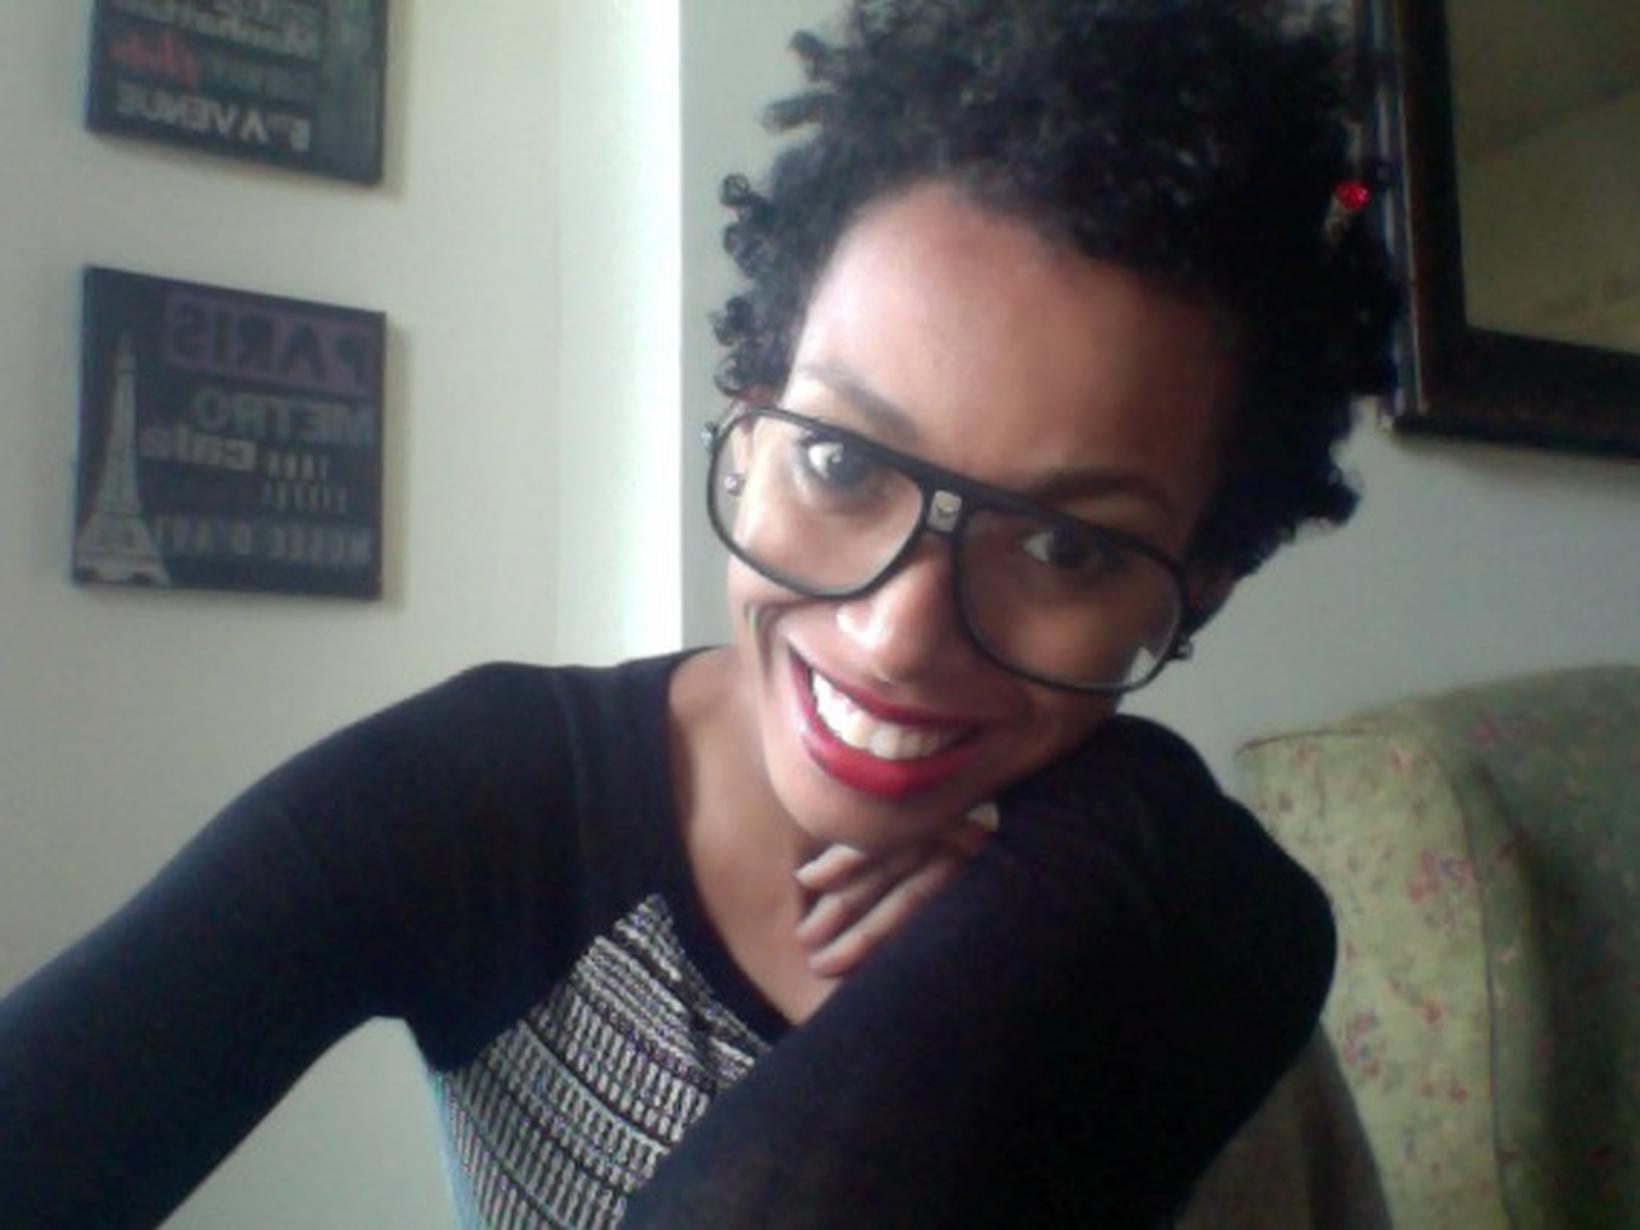 Janisha from Baltimore, Maryland, United States